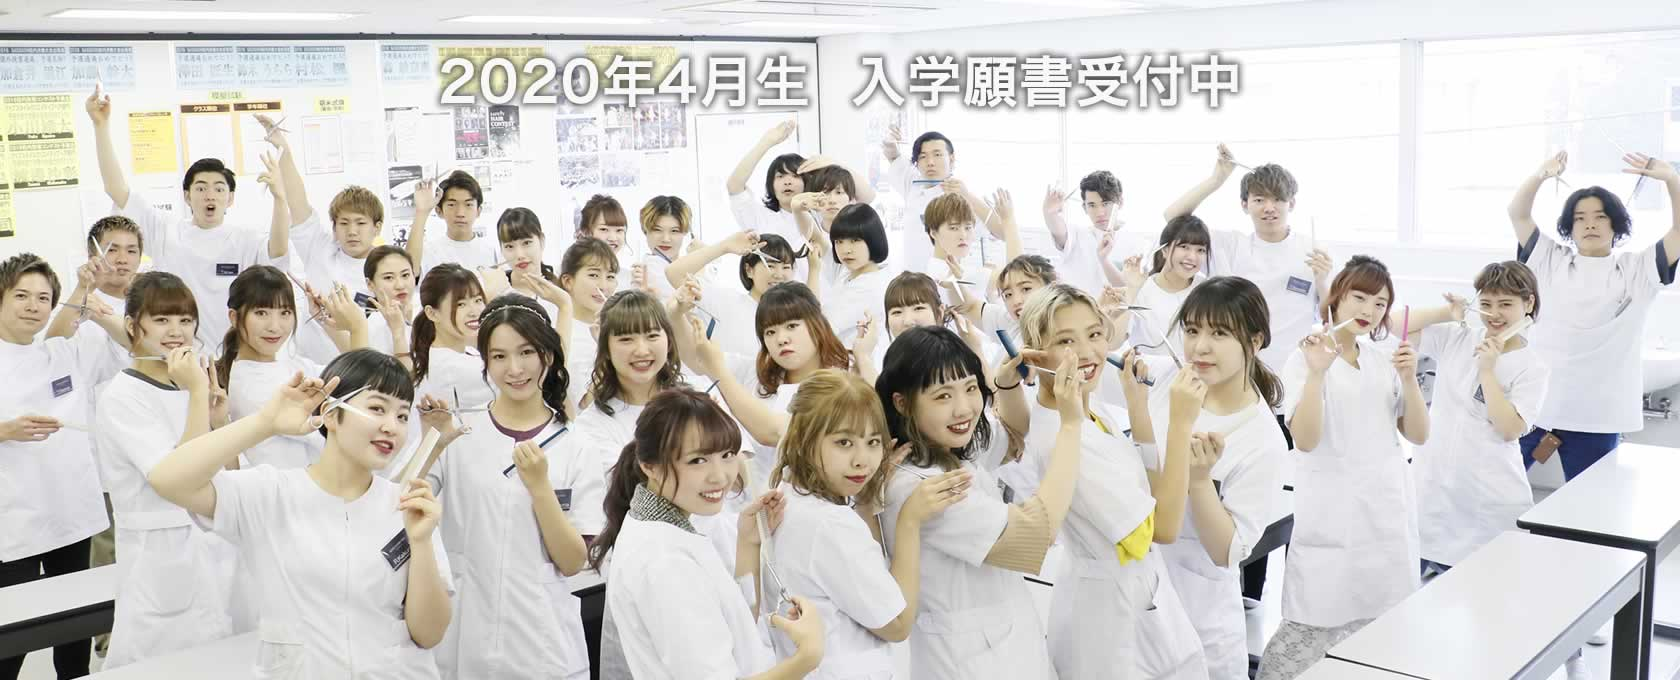 東京の美容専門学校:国際文化理容美容専門学校の2020年4月生 入学願書受付中